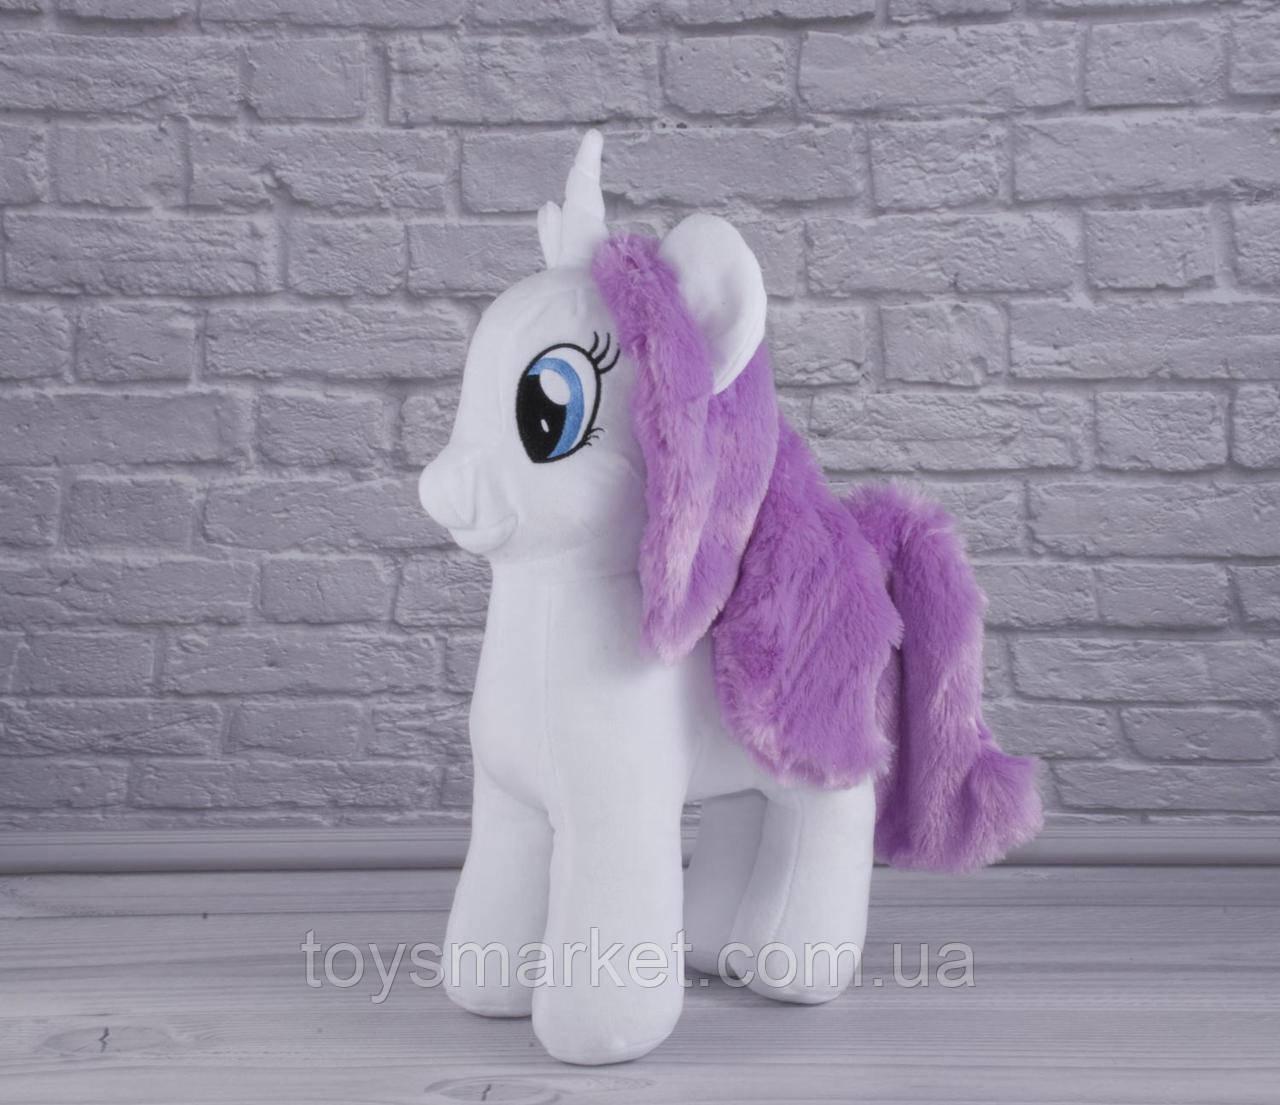 Мягкая игрушка лошадка Радуга, плюшевая пони, My Little Pony